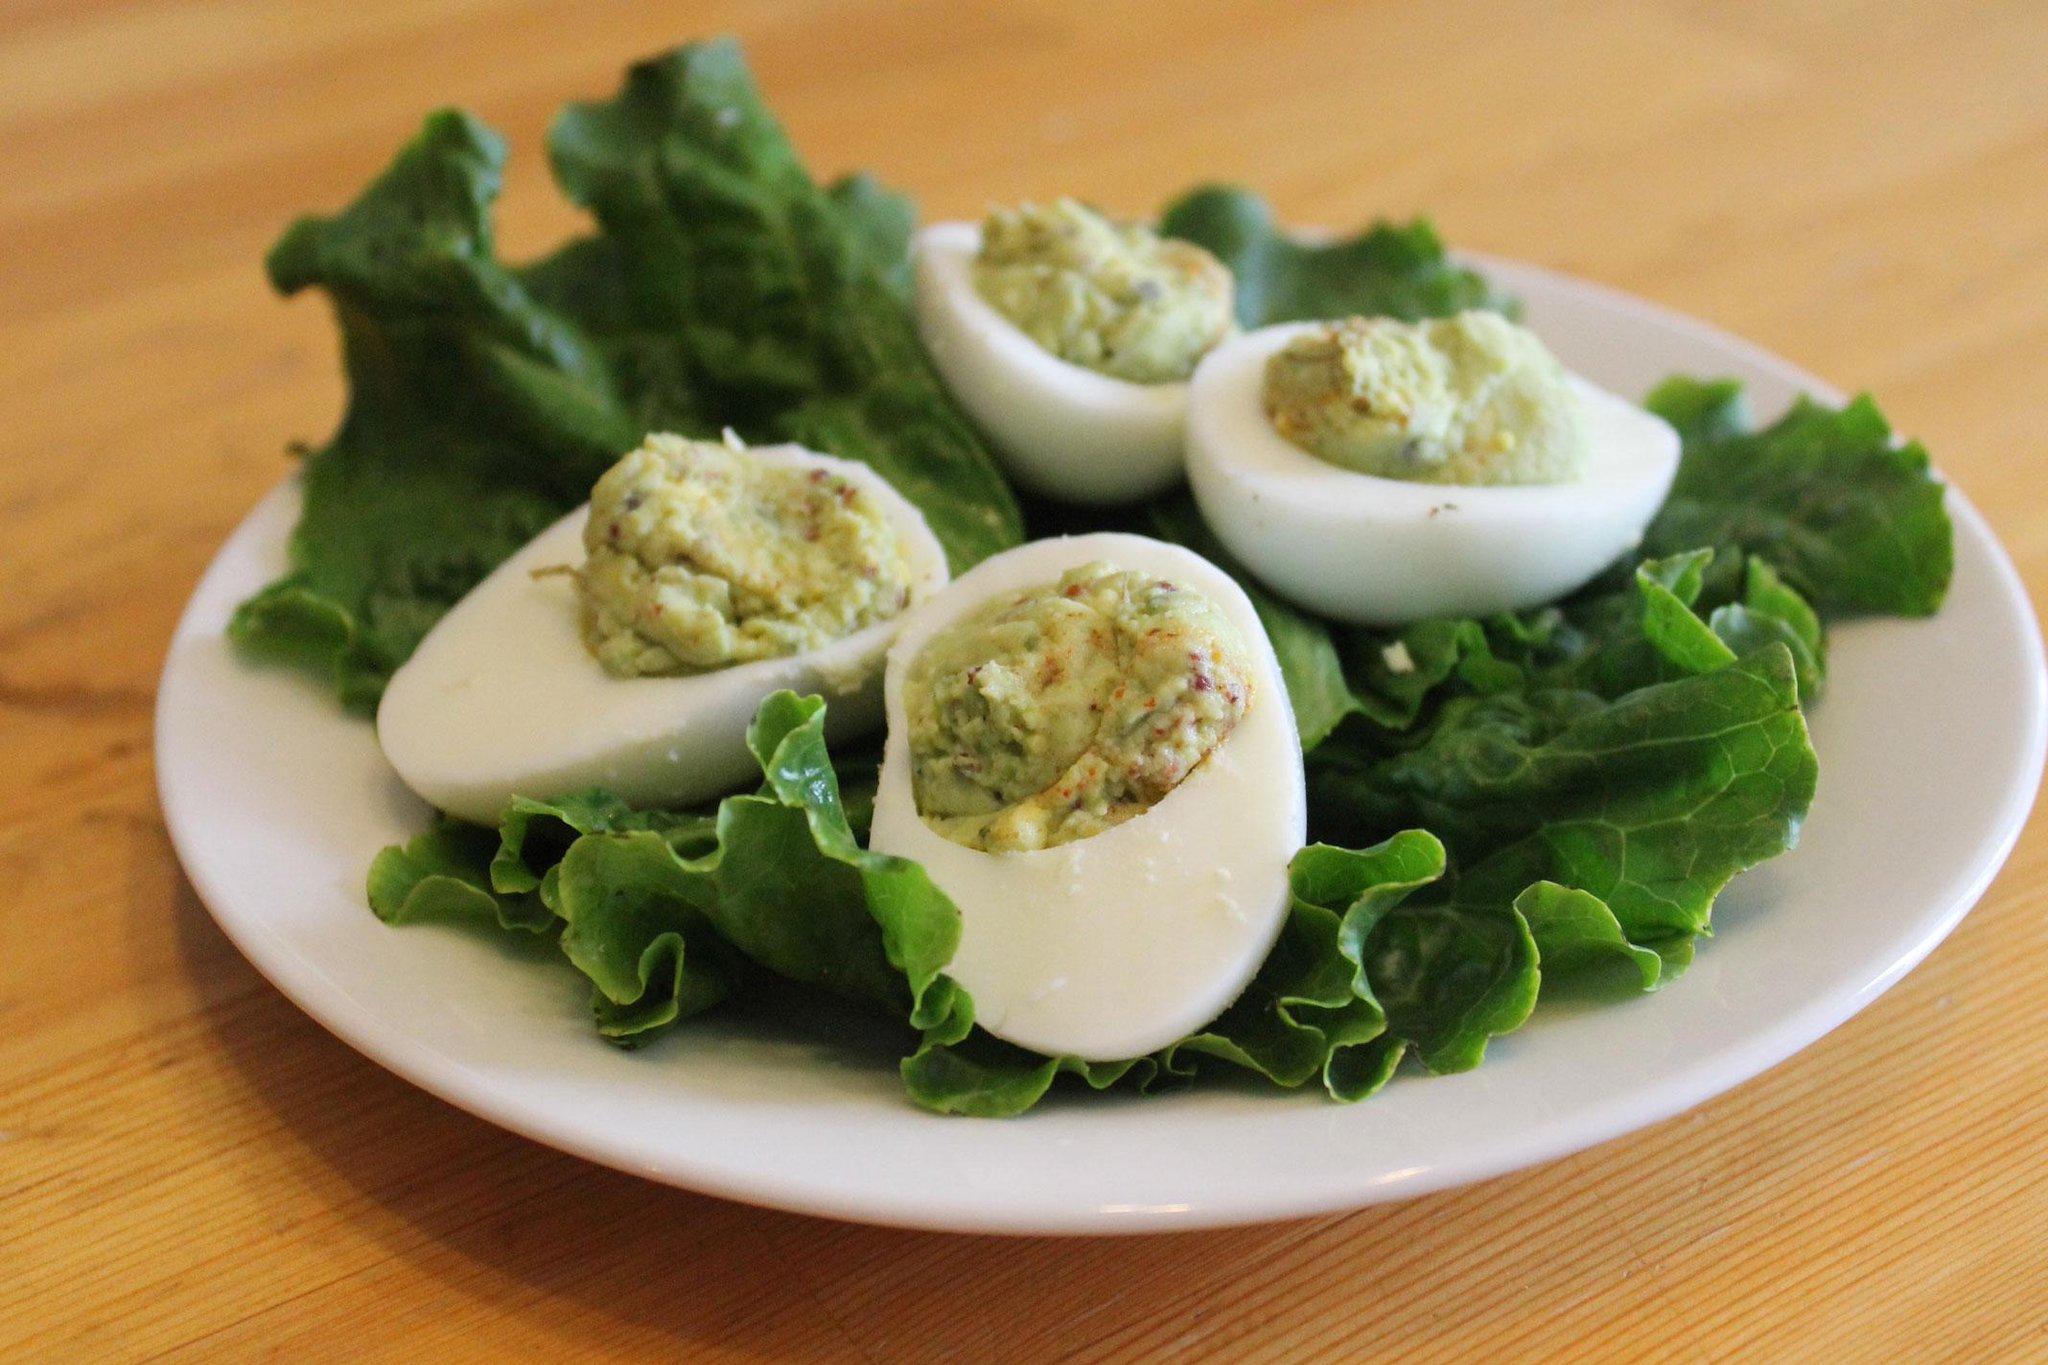 прозрачная блюда из вареных яиц рецепты с фото сайте все нормально